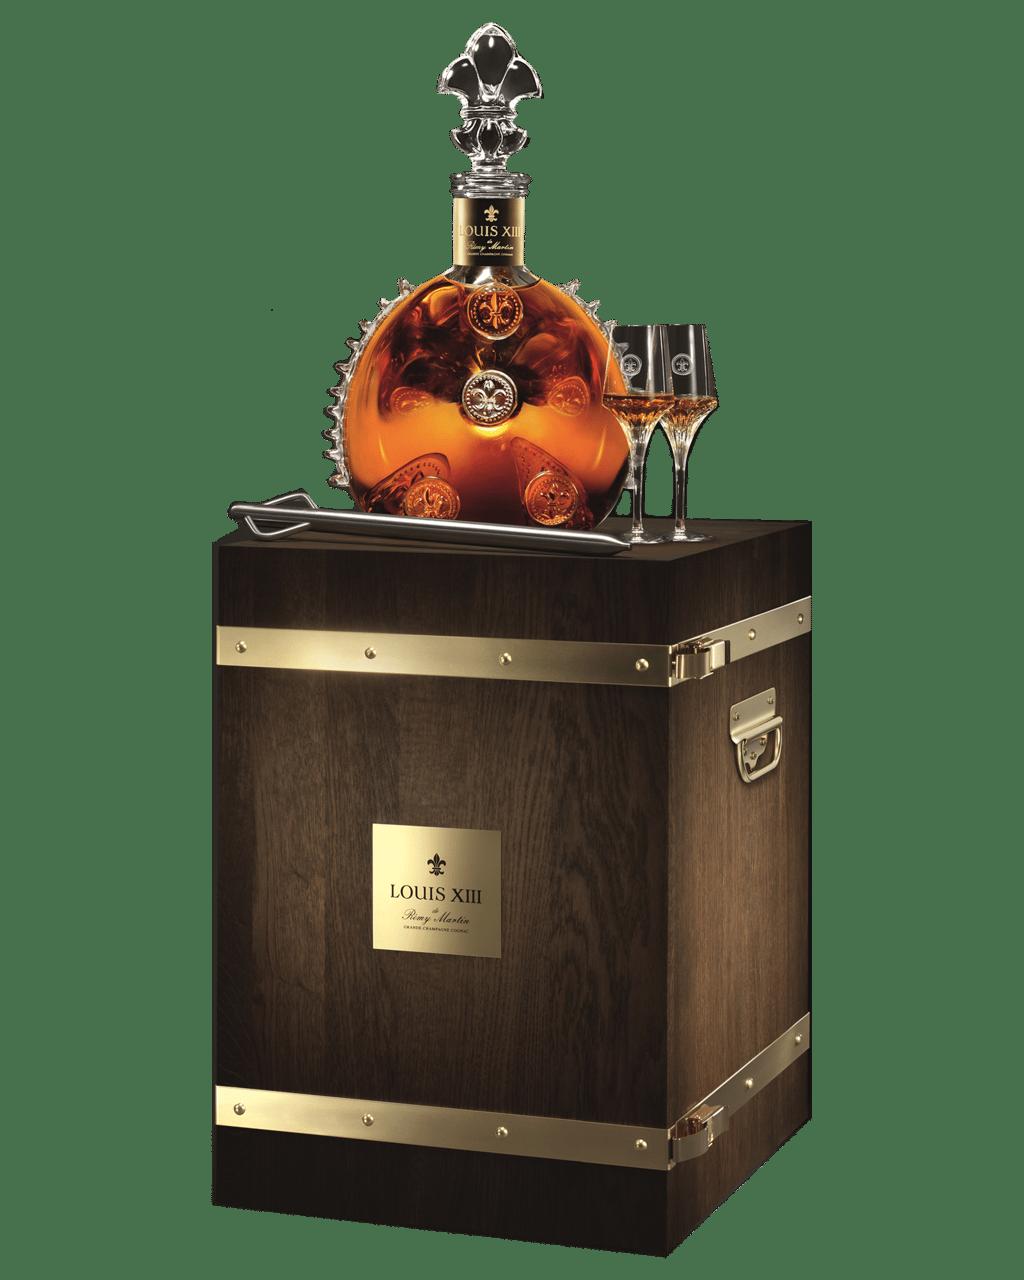 Rémy Martin Louis XIII Le Jeroboam Cognac 3L de61fffc0ab68